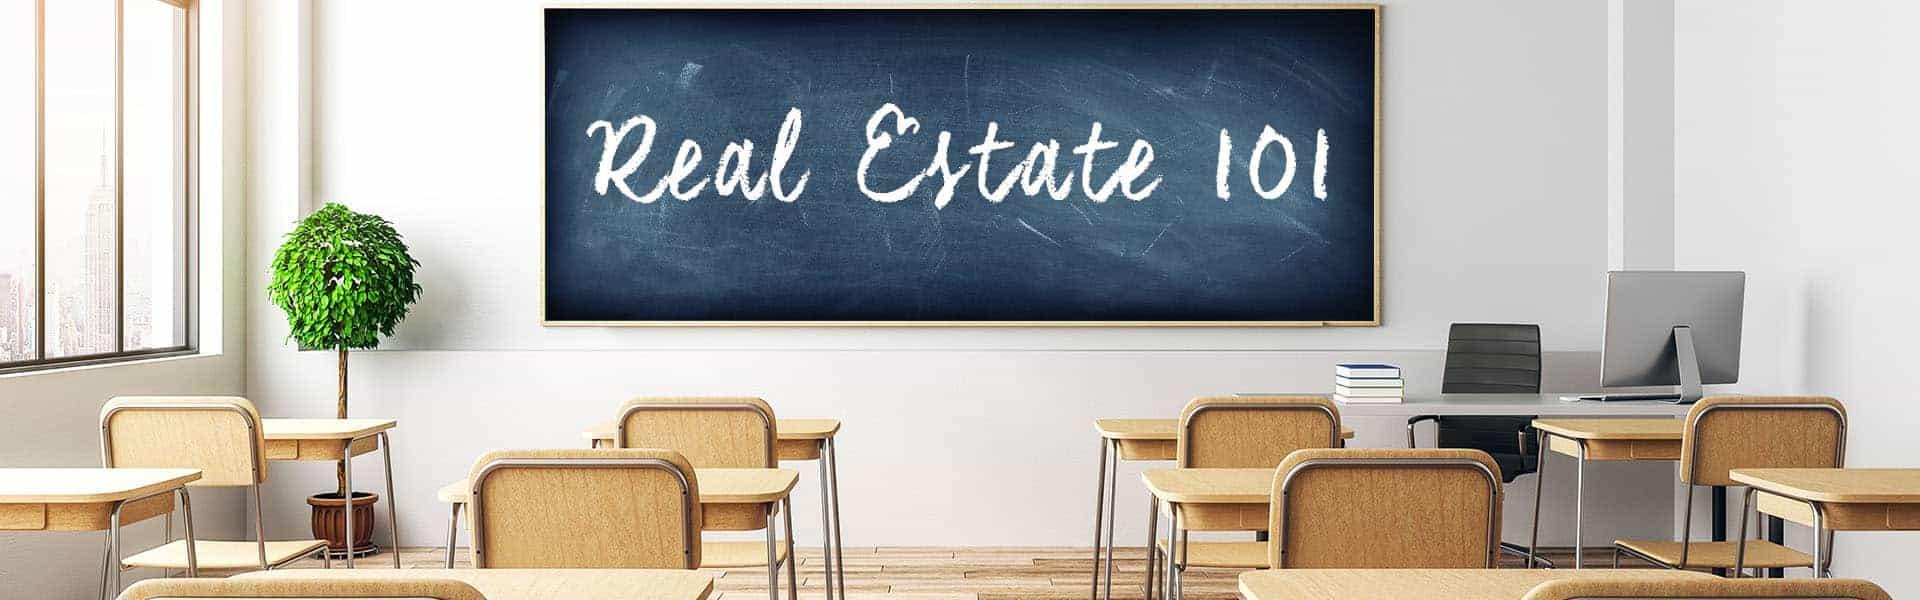 Real Estate School of Colorado